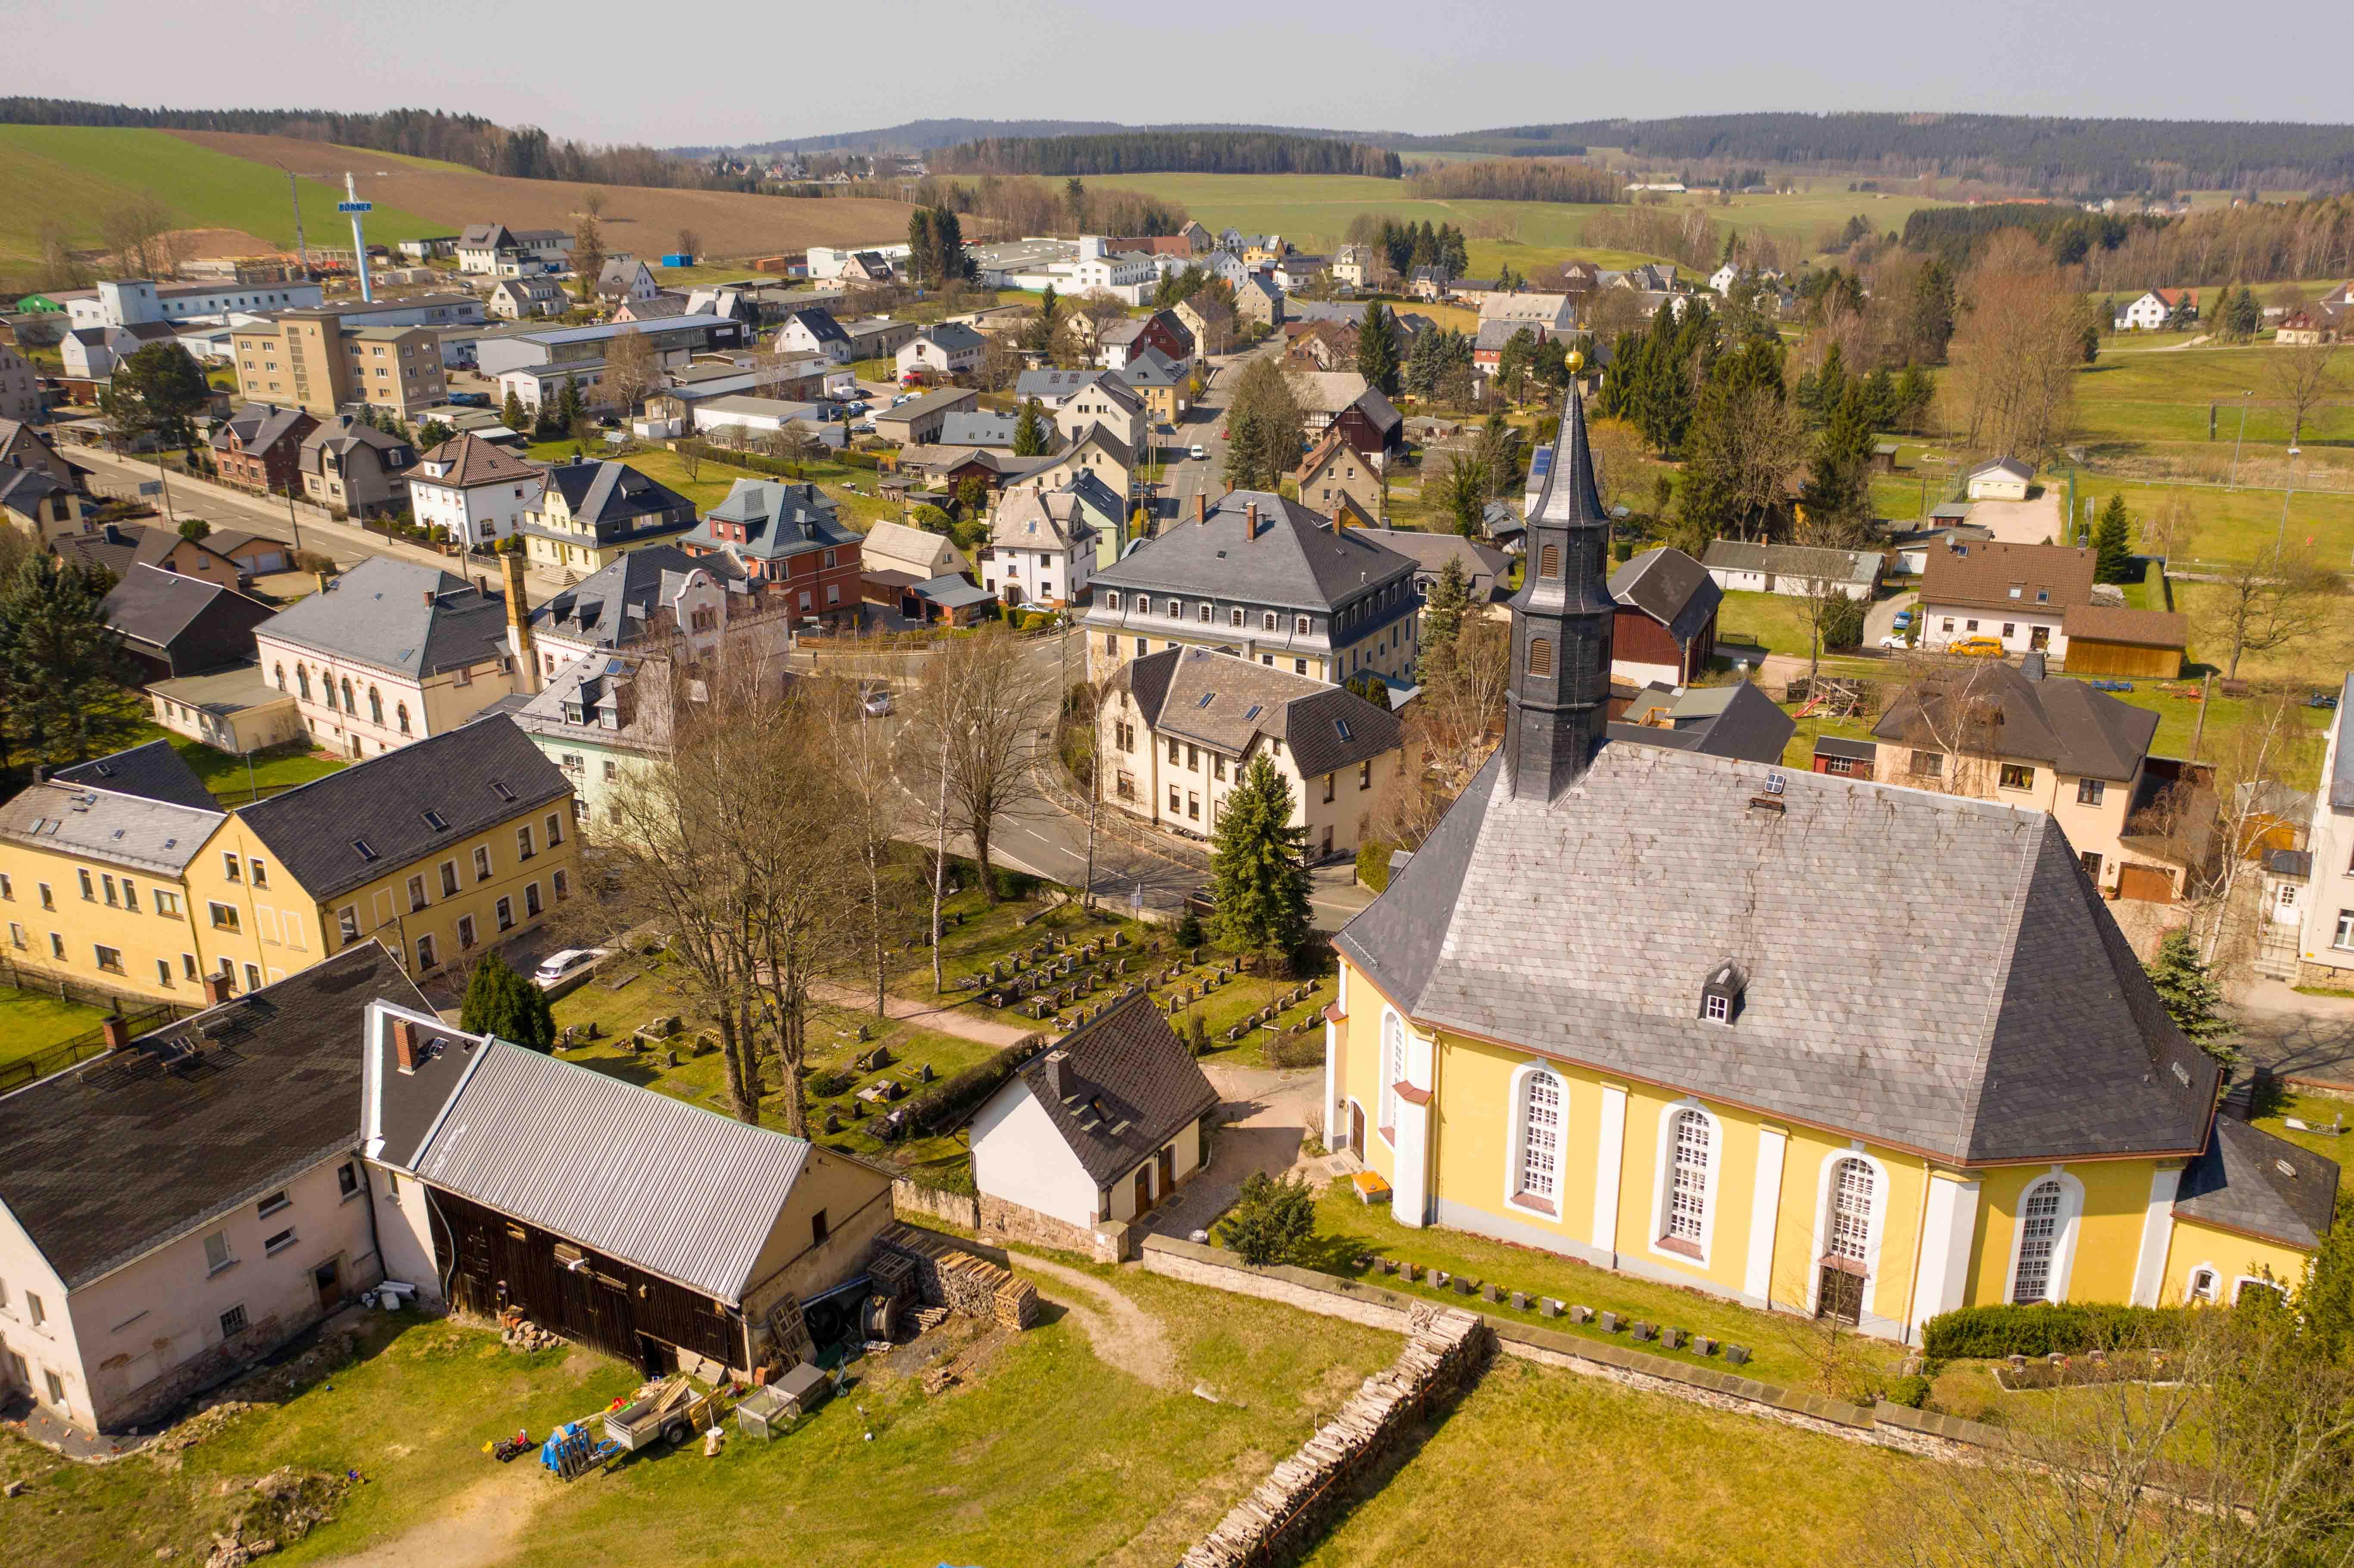 Evangelischekirche